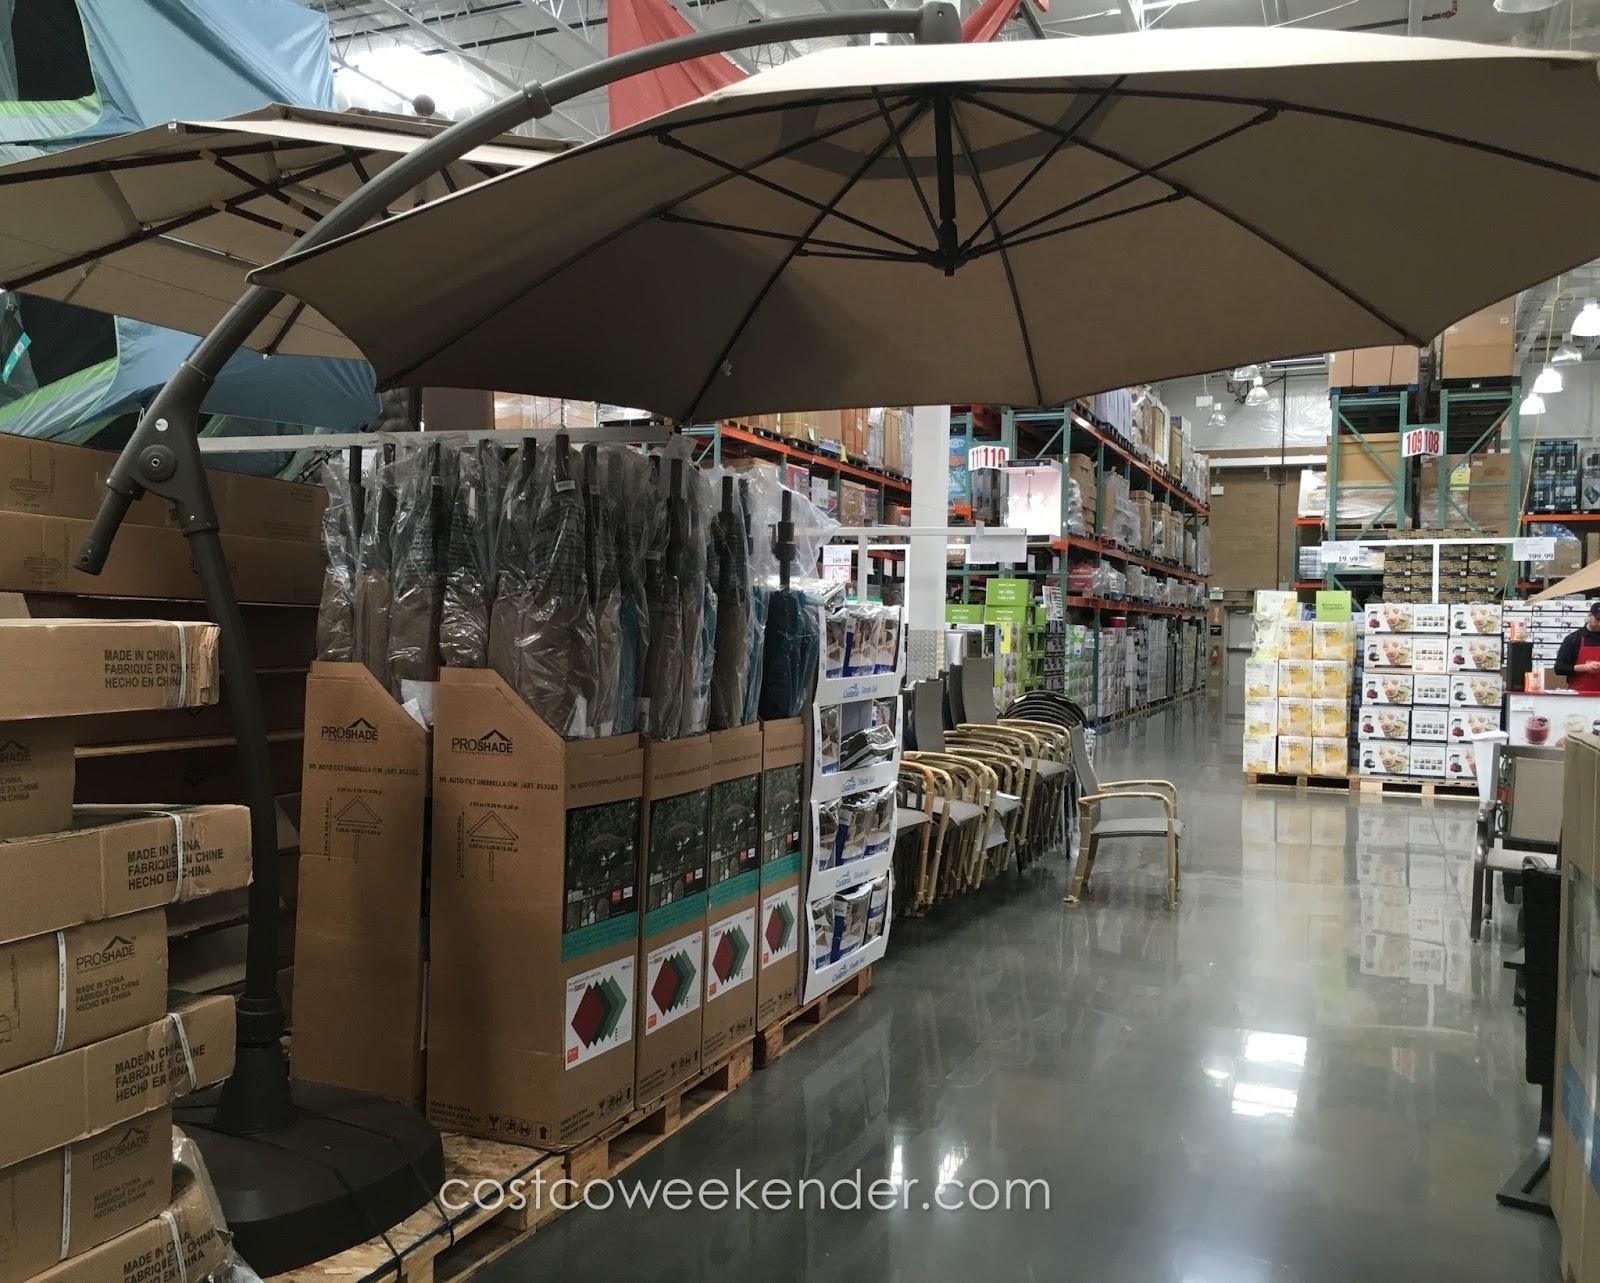 ProShade 11 ft Market Umbrella with Tilt | Costco Weekender